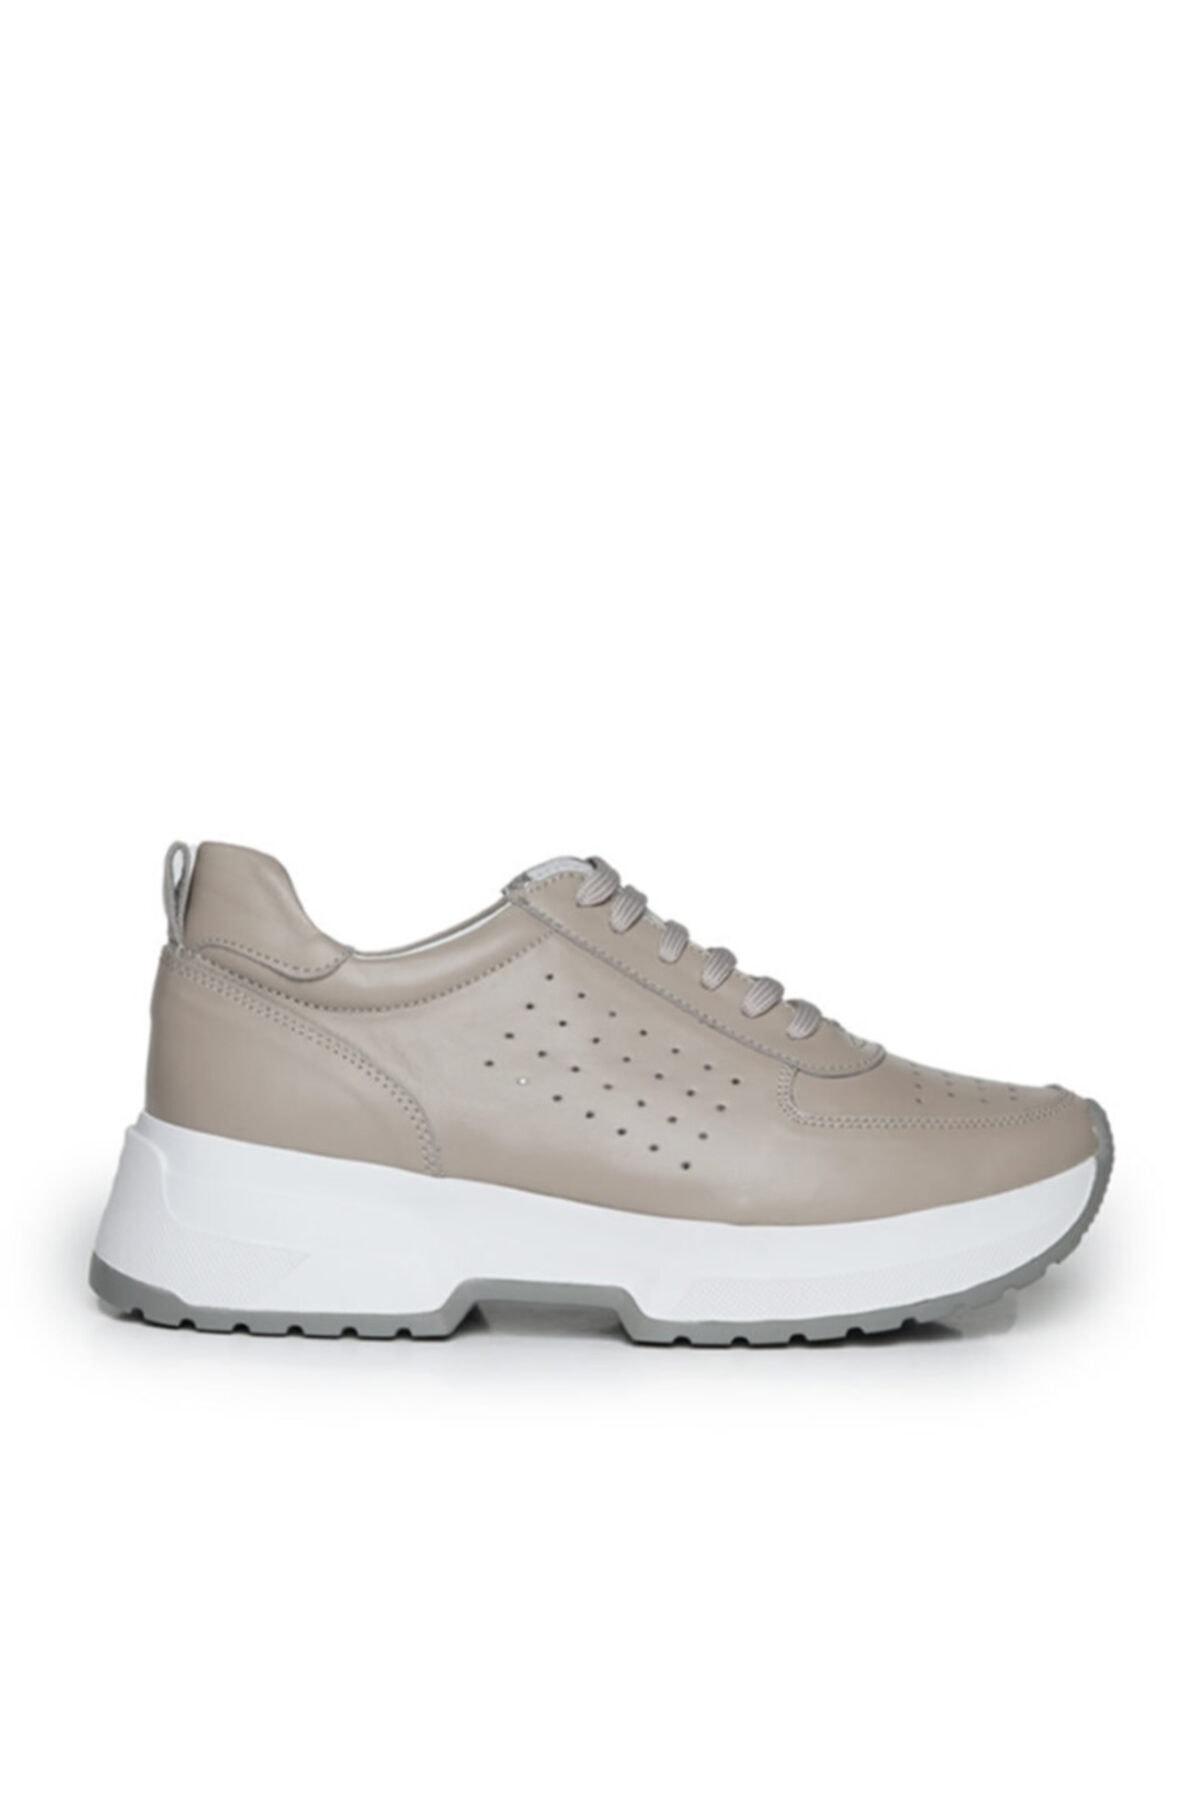 Beta Shoes Hakiki Deri Kadın Sneaker Spor Ayakkabı Gri Toprak 2